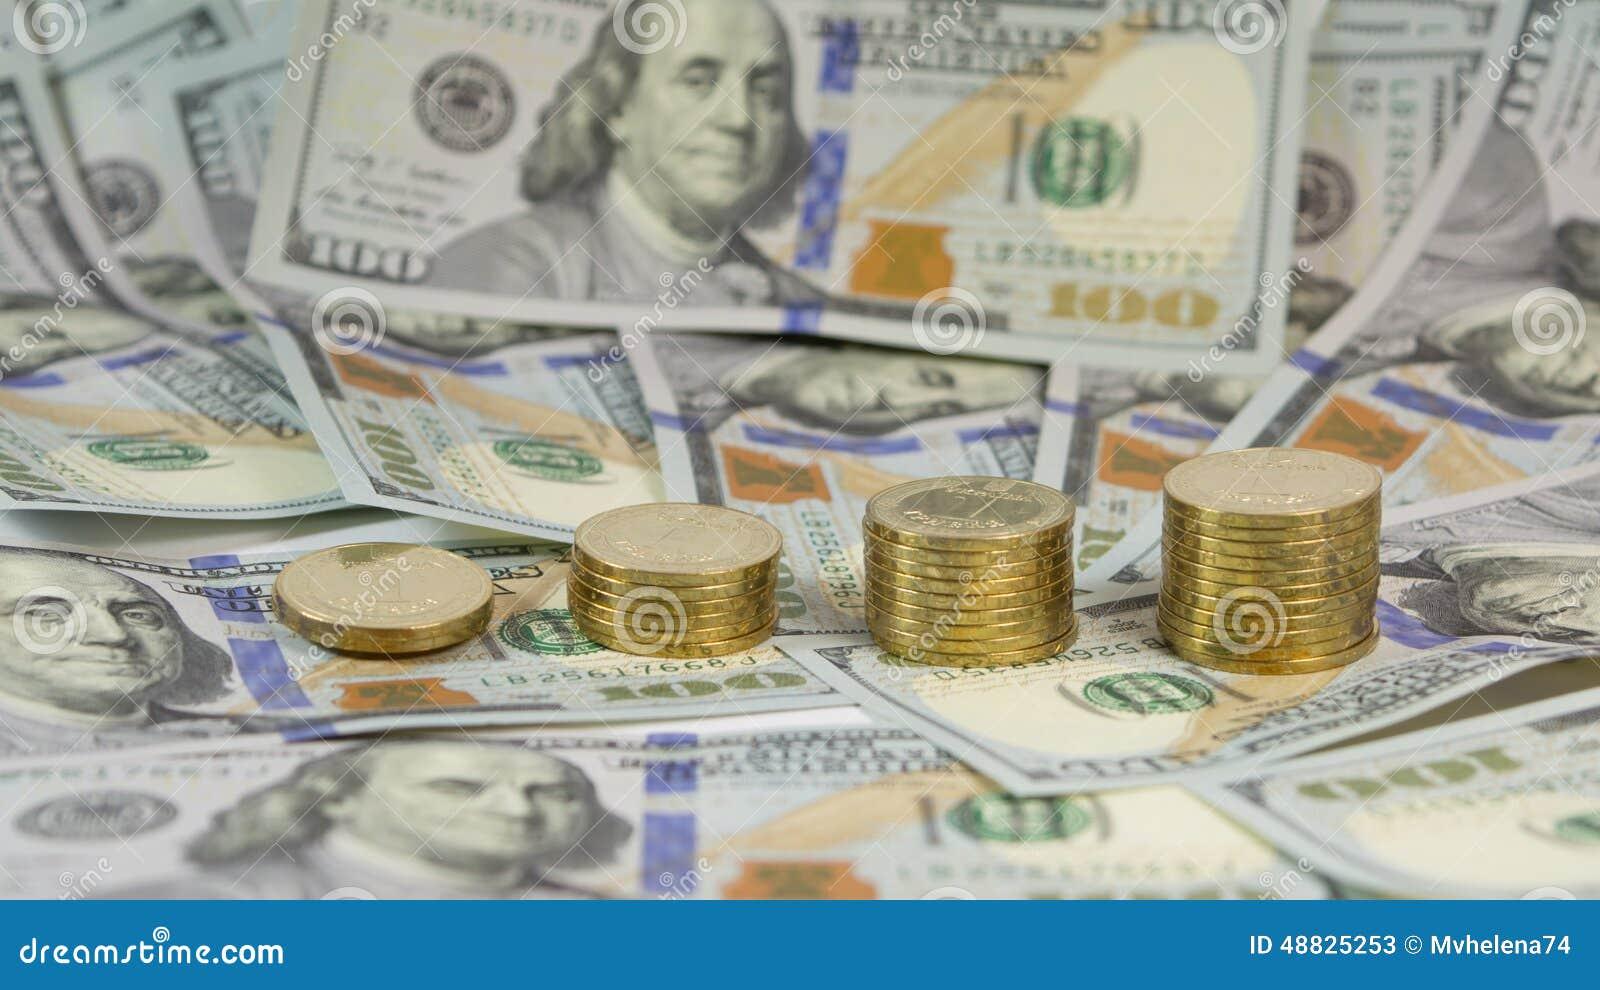 Демонстрация поднимать обменный курс украинского hryvnia валюты (grivna, UAH) для доллара США (USD)